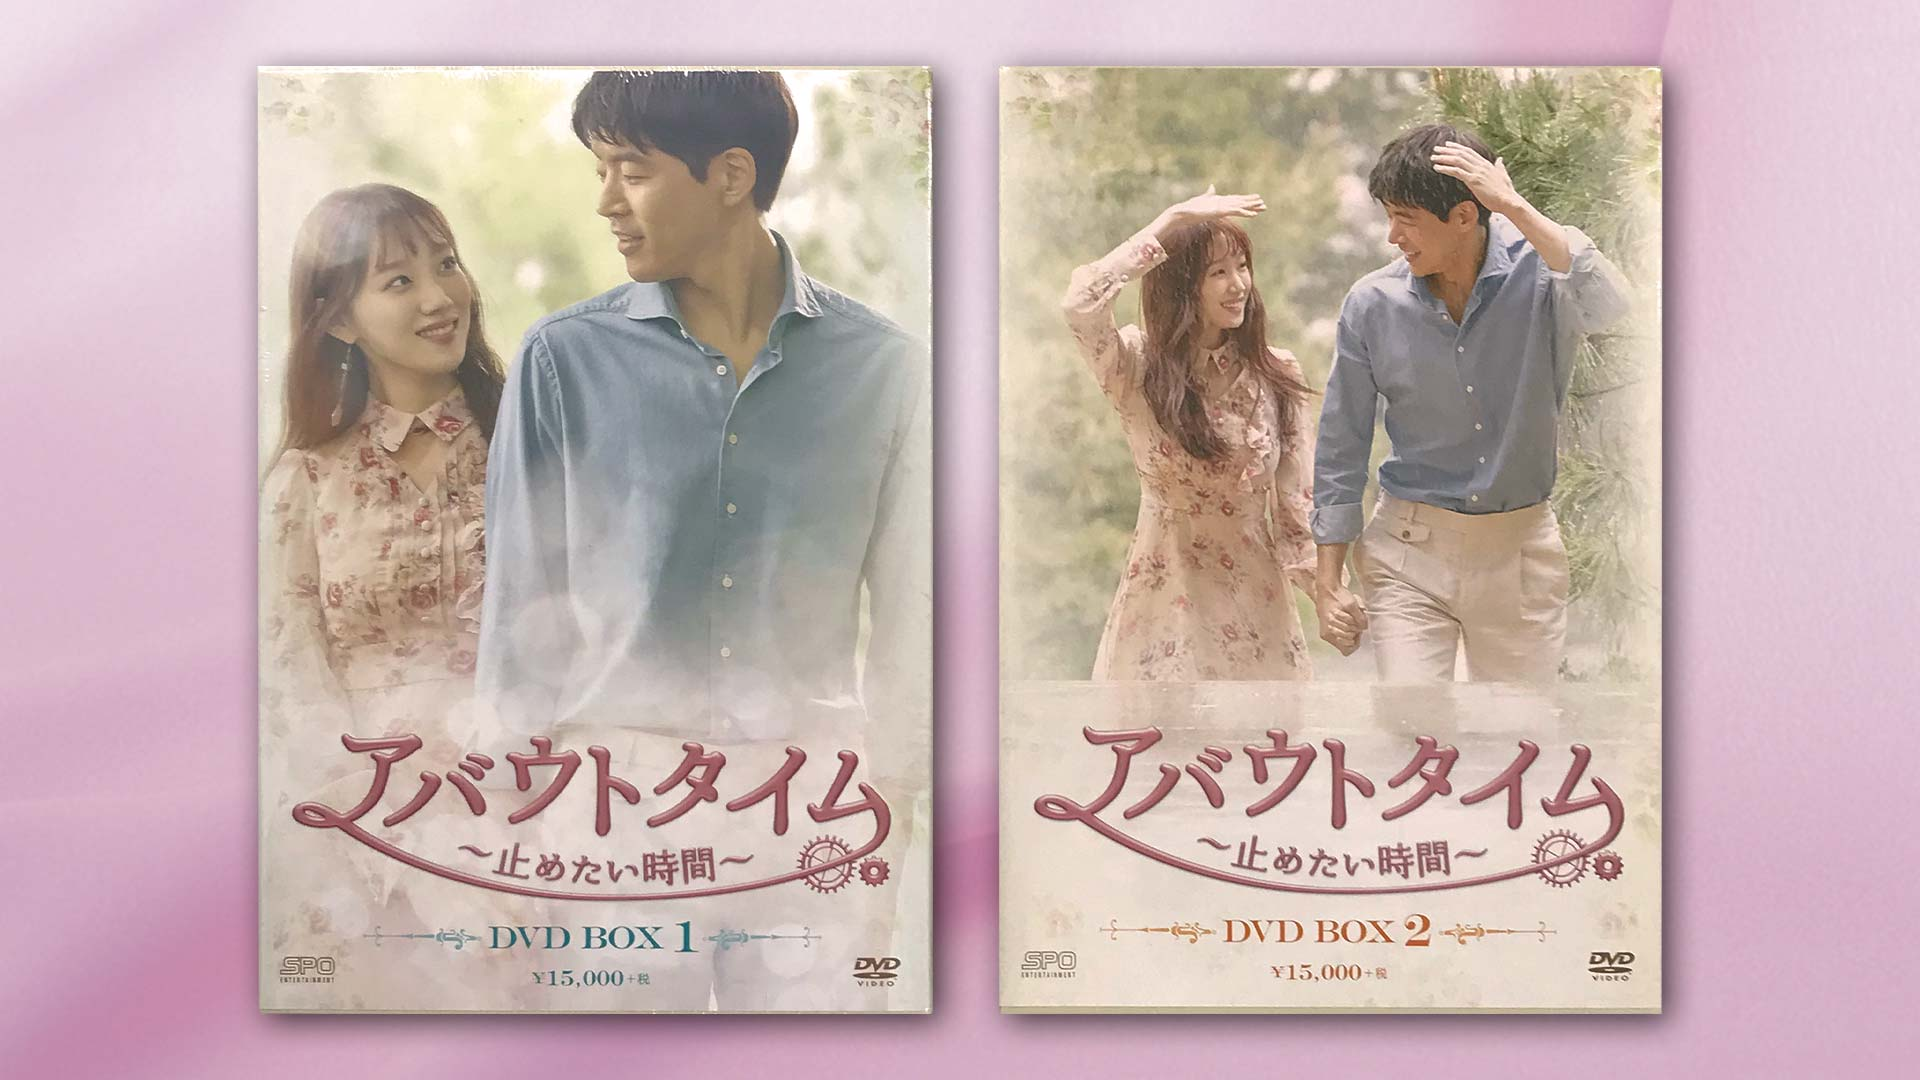 「アバウトタイム~止めたい時間~」DVD BOX1&BOX2 1セット